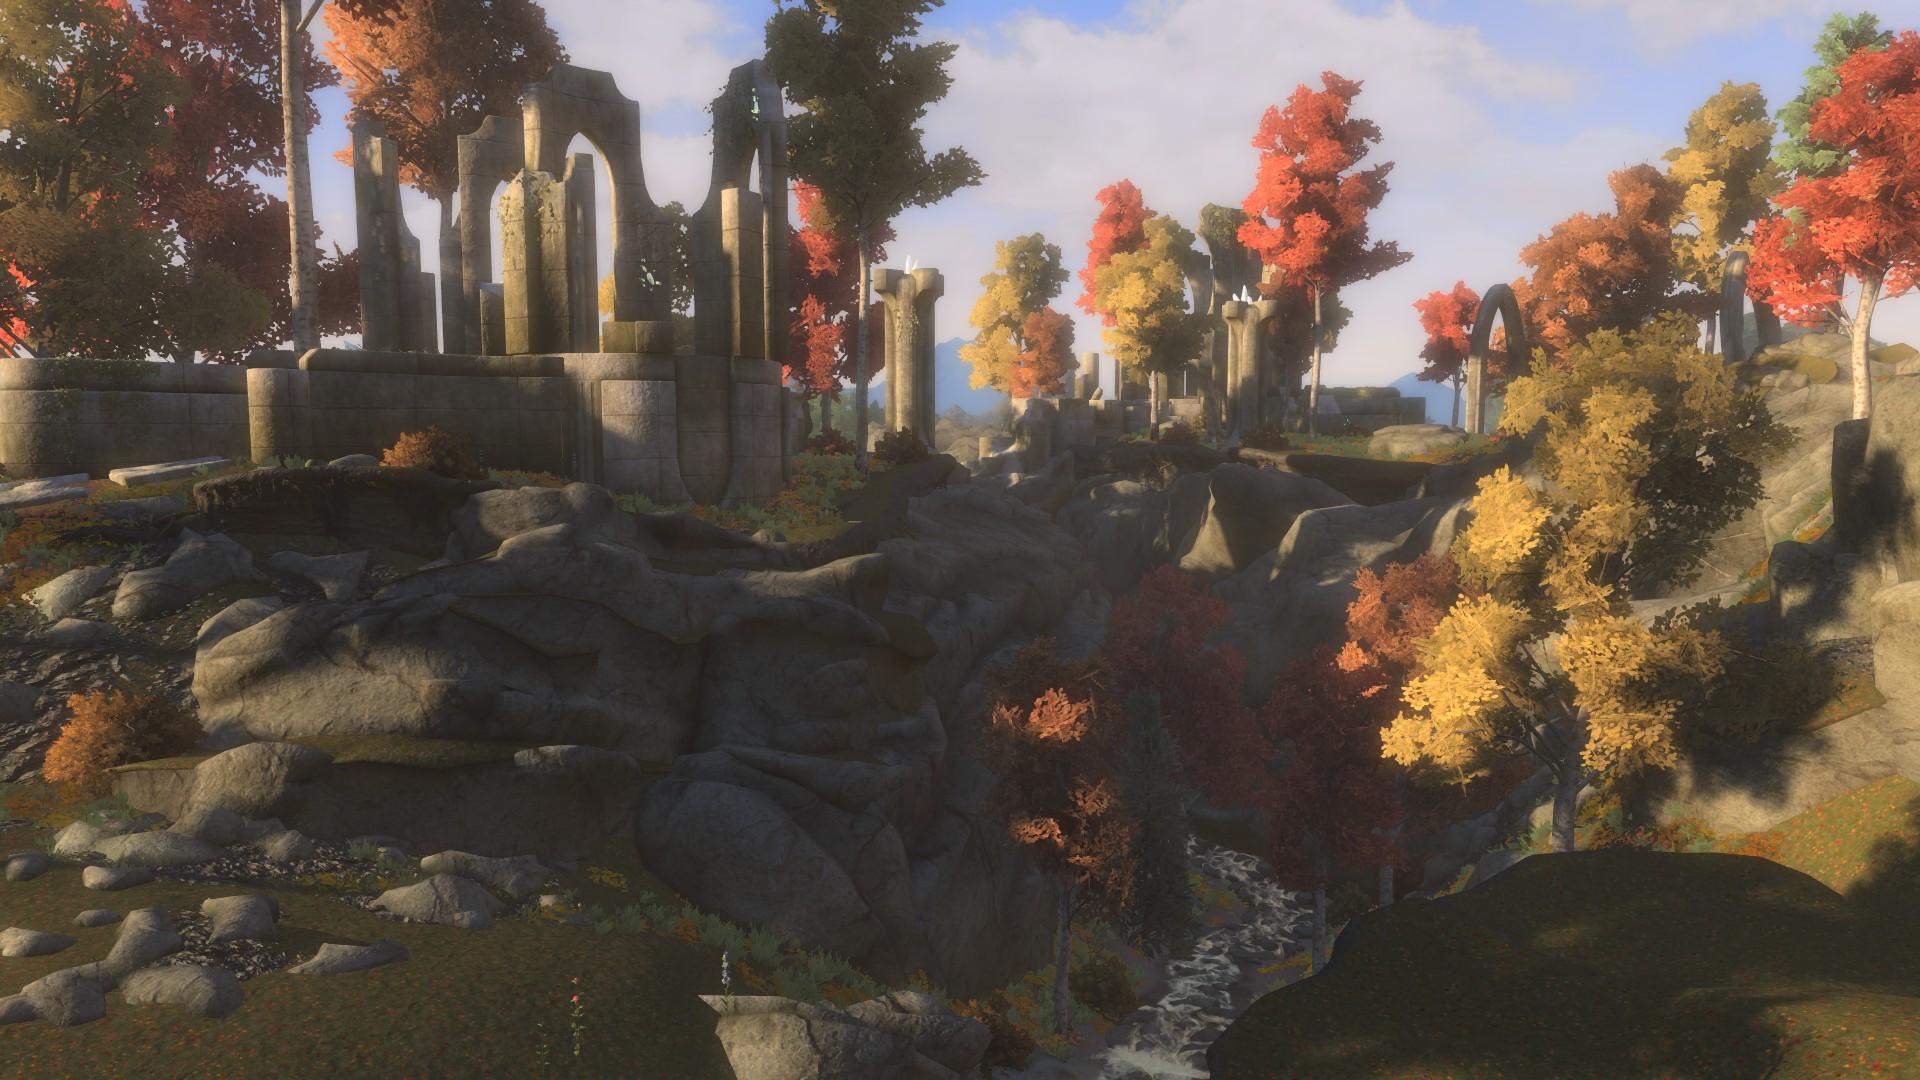 Разработчики мода Skyblivion закончили работу над локацией и показали скриншоты